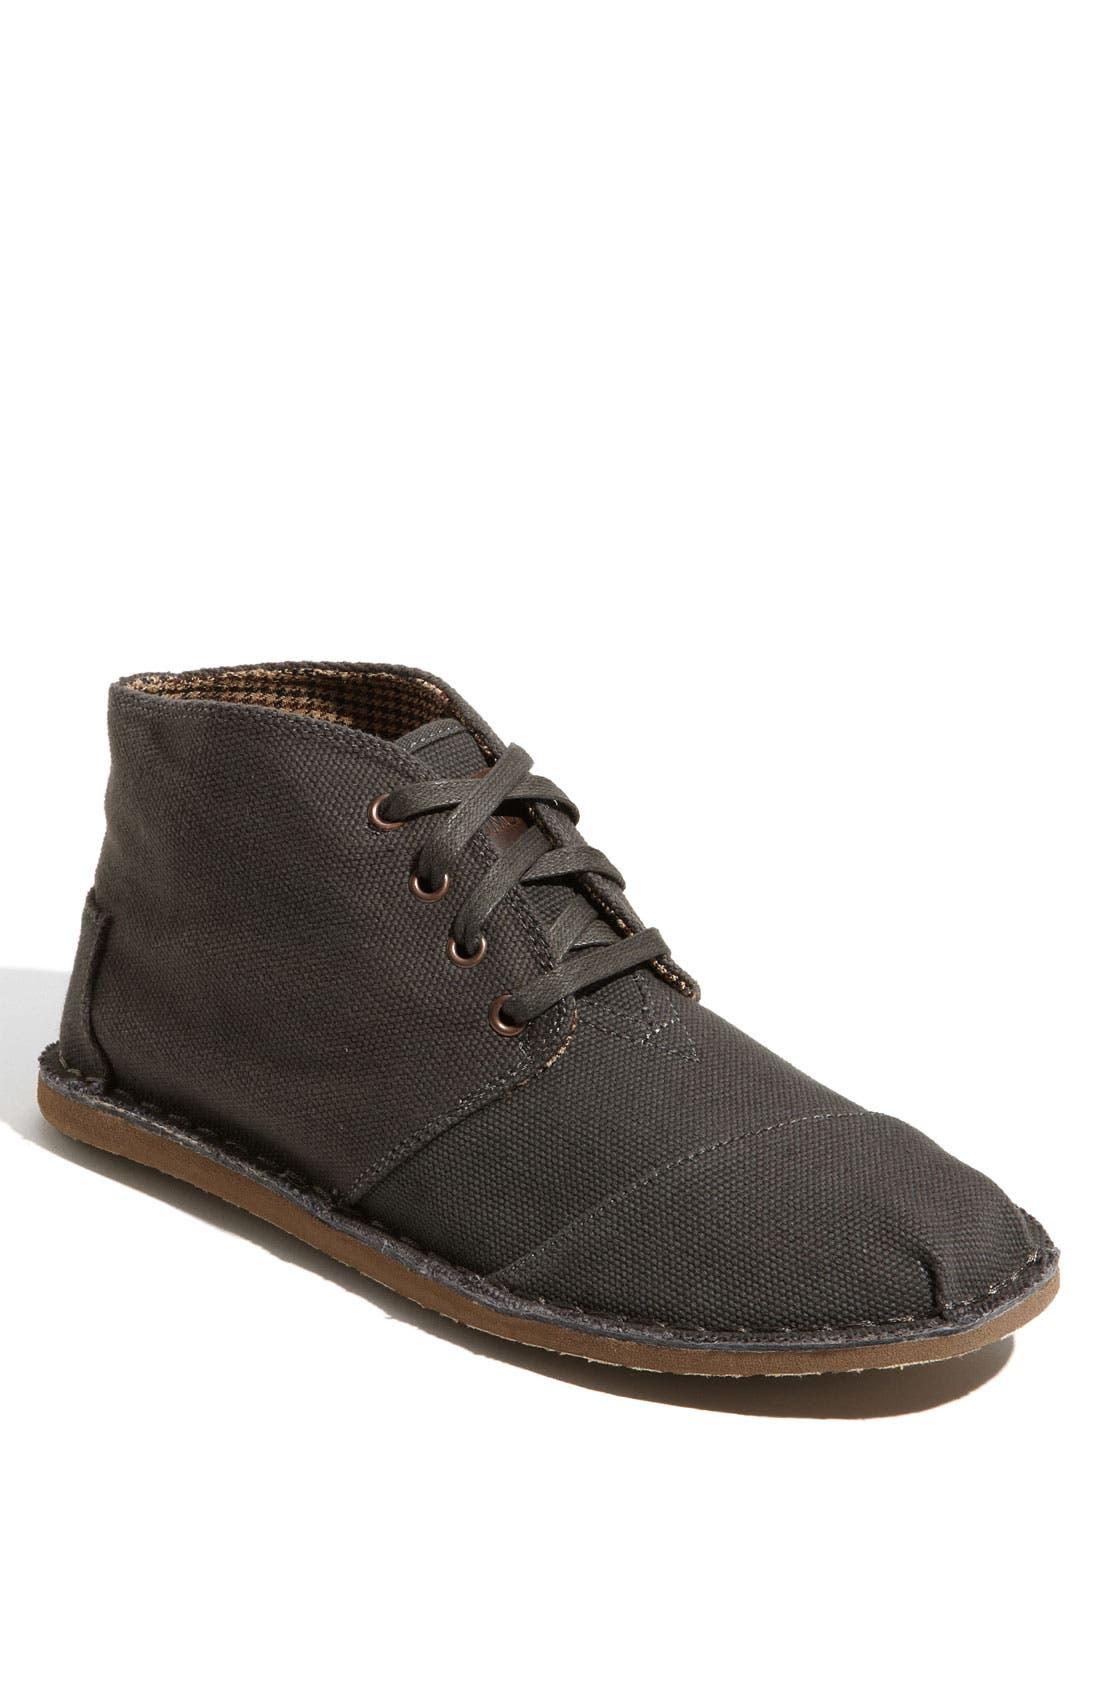 Alternate Image 1 Selected - TOMS 'Botas - Desert' Chukka Boot (Men)